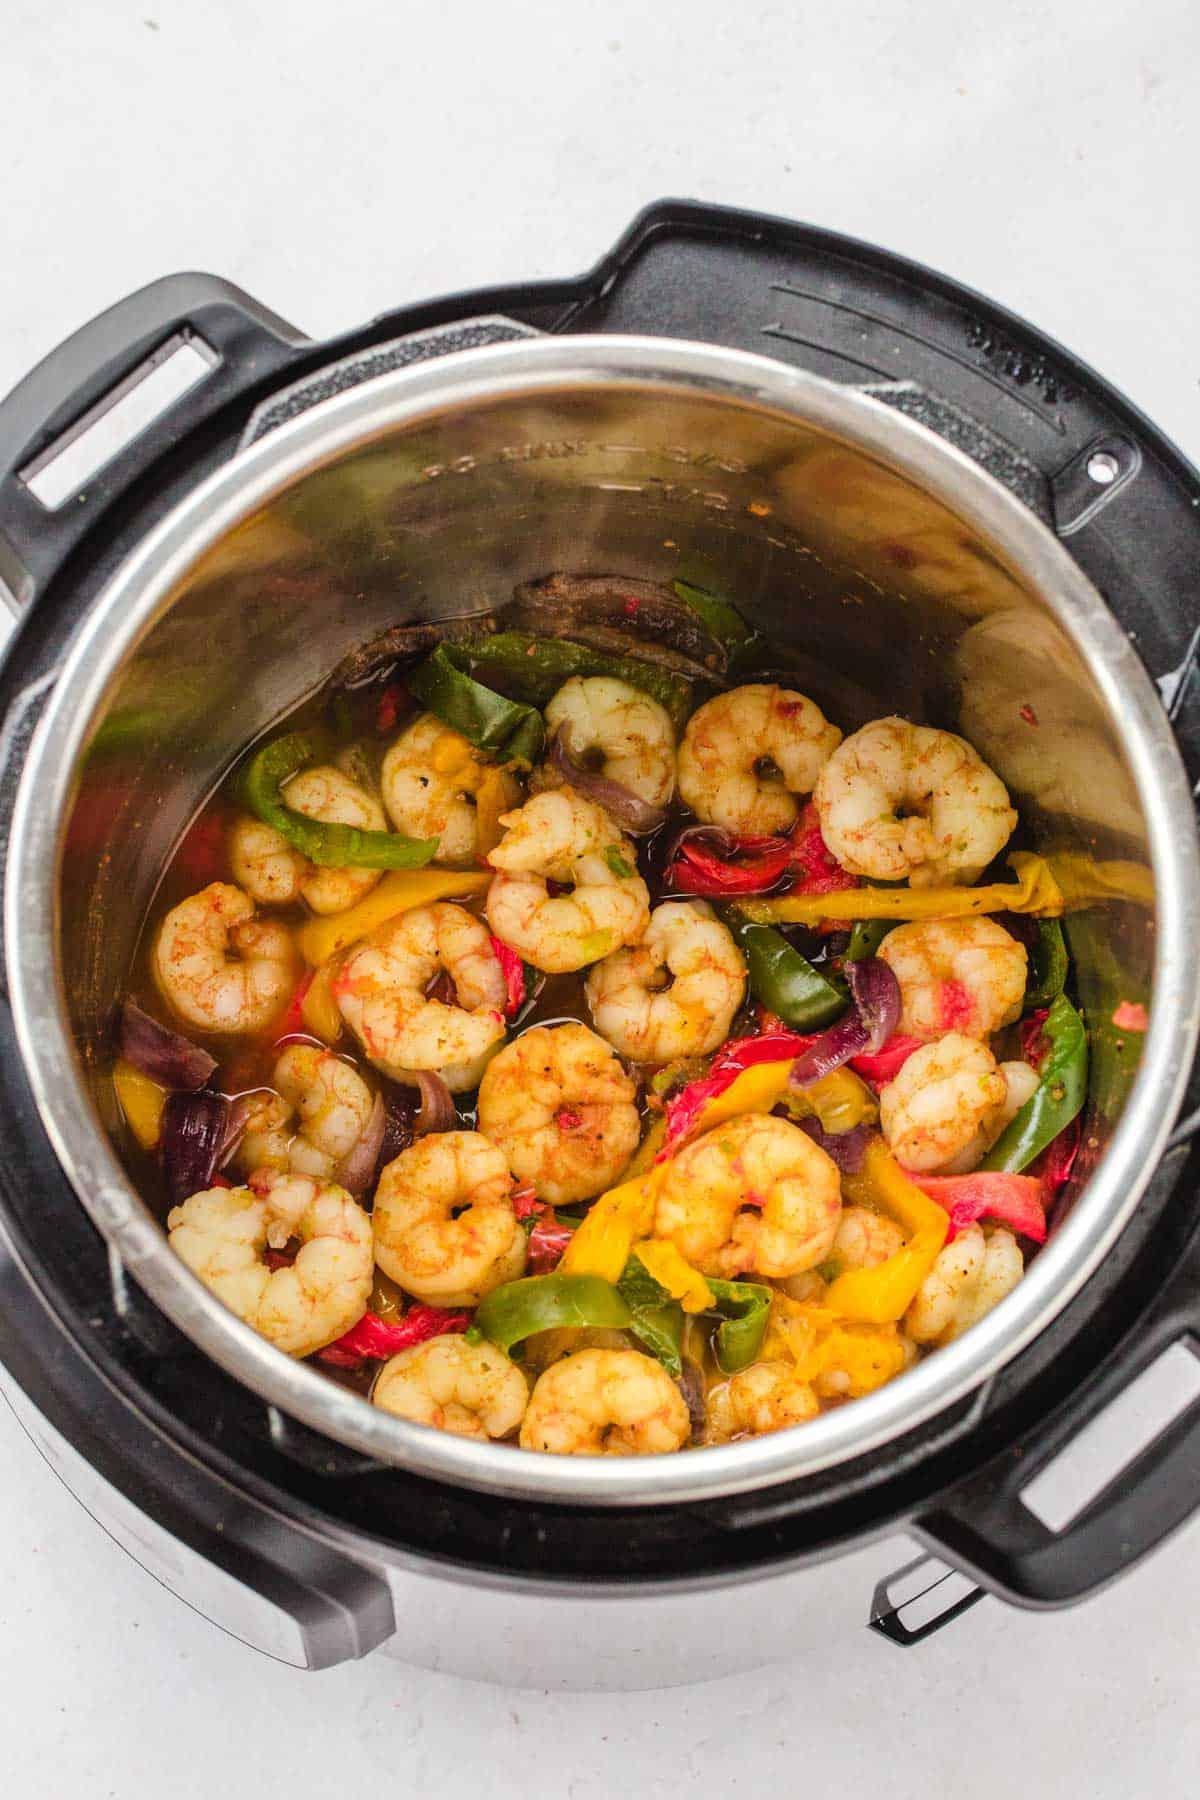 Shrimp fajitas in the Instant Pot